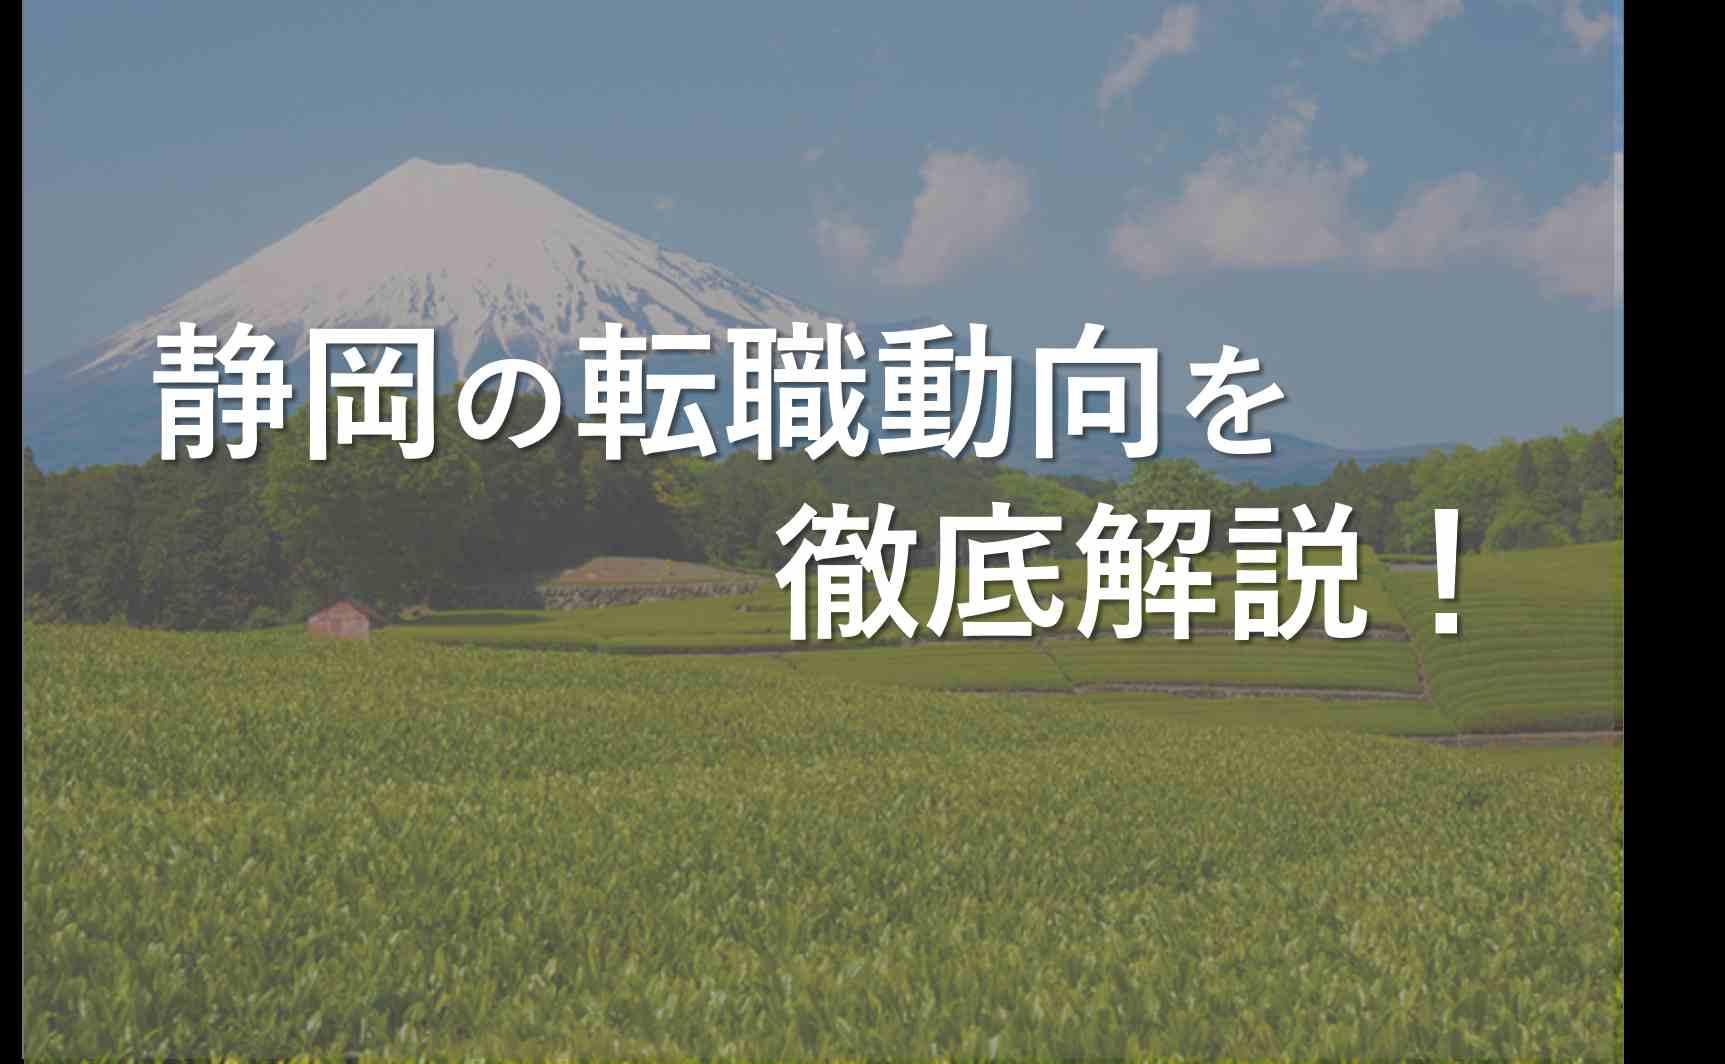 静岡への転職や移住に役立つアドバイス